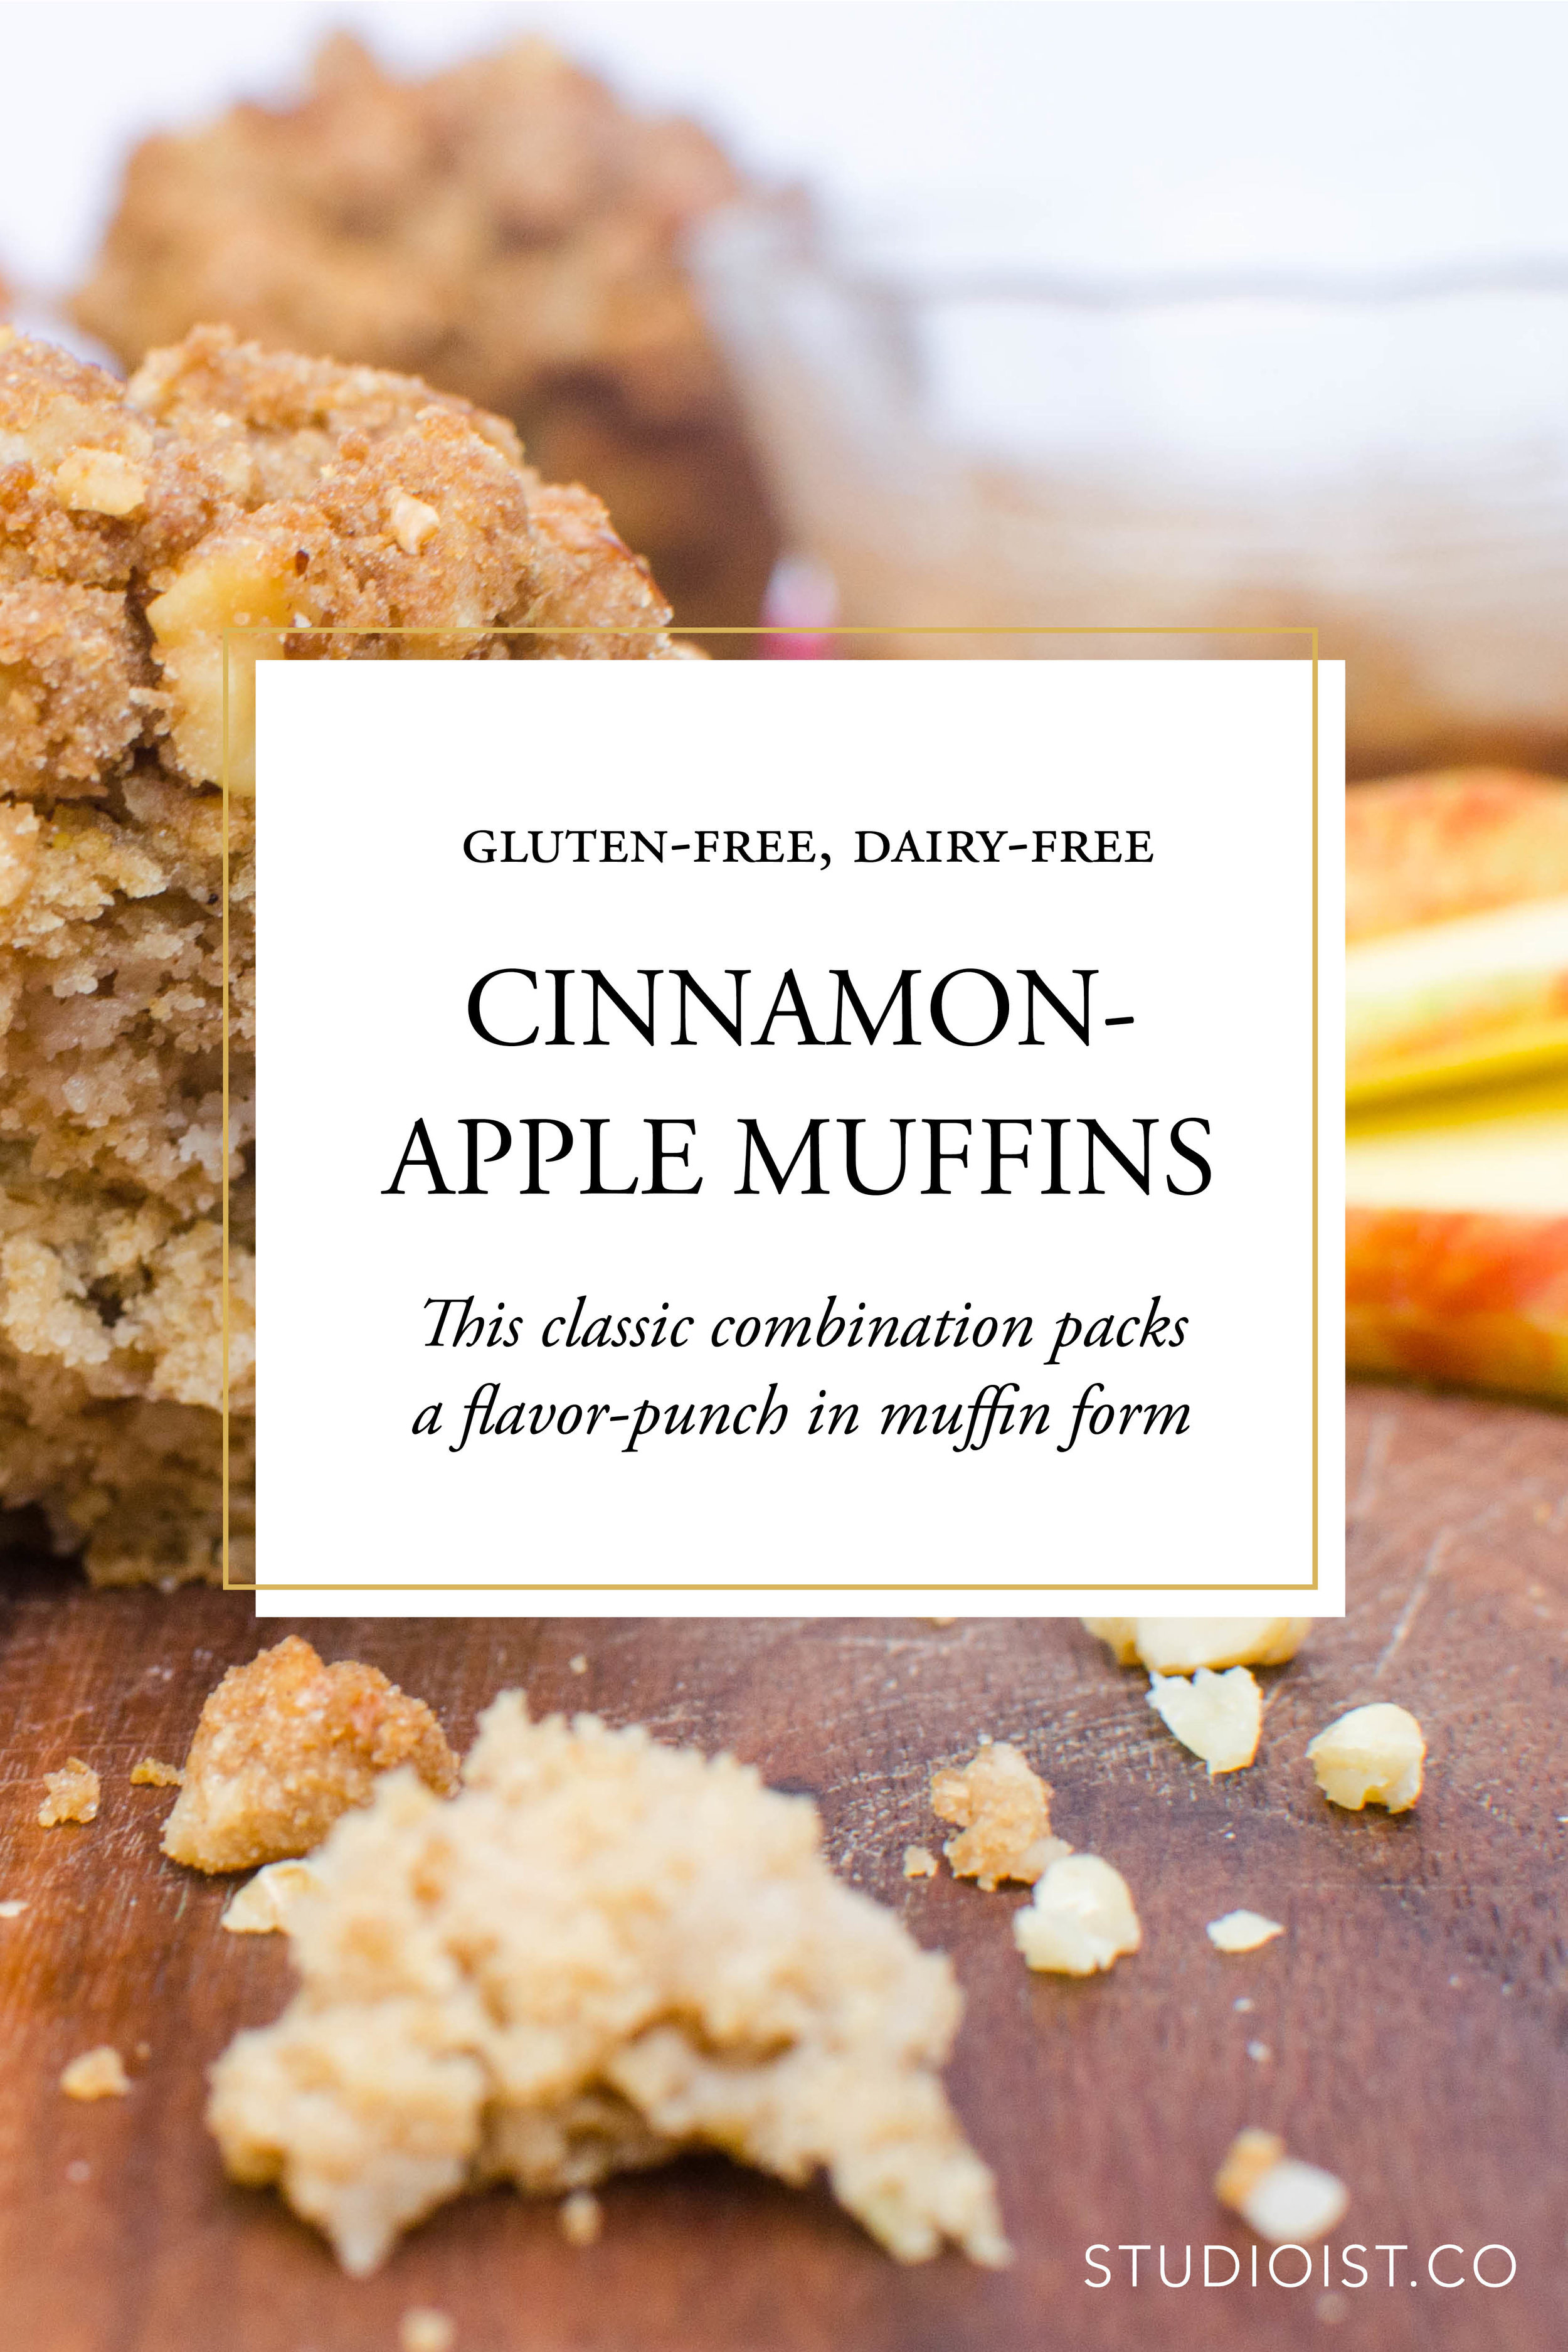 Studioist_Pinterest Design_Cinnamon Apple Muffins2.jpg